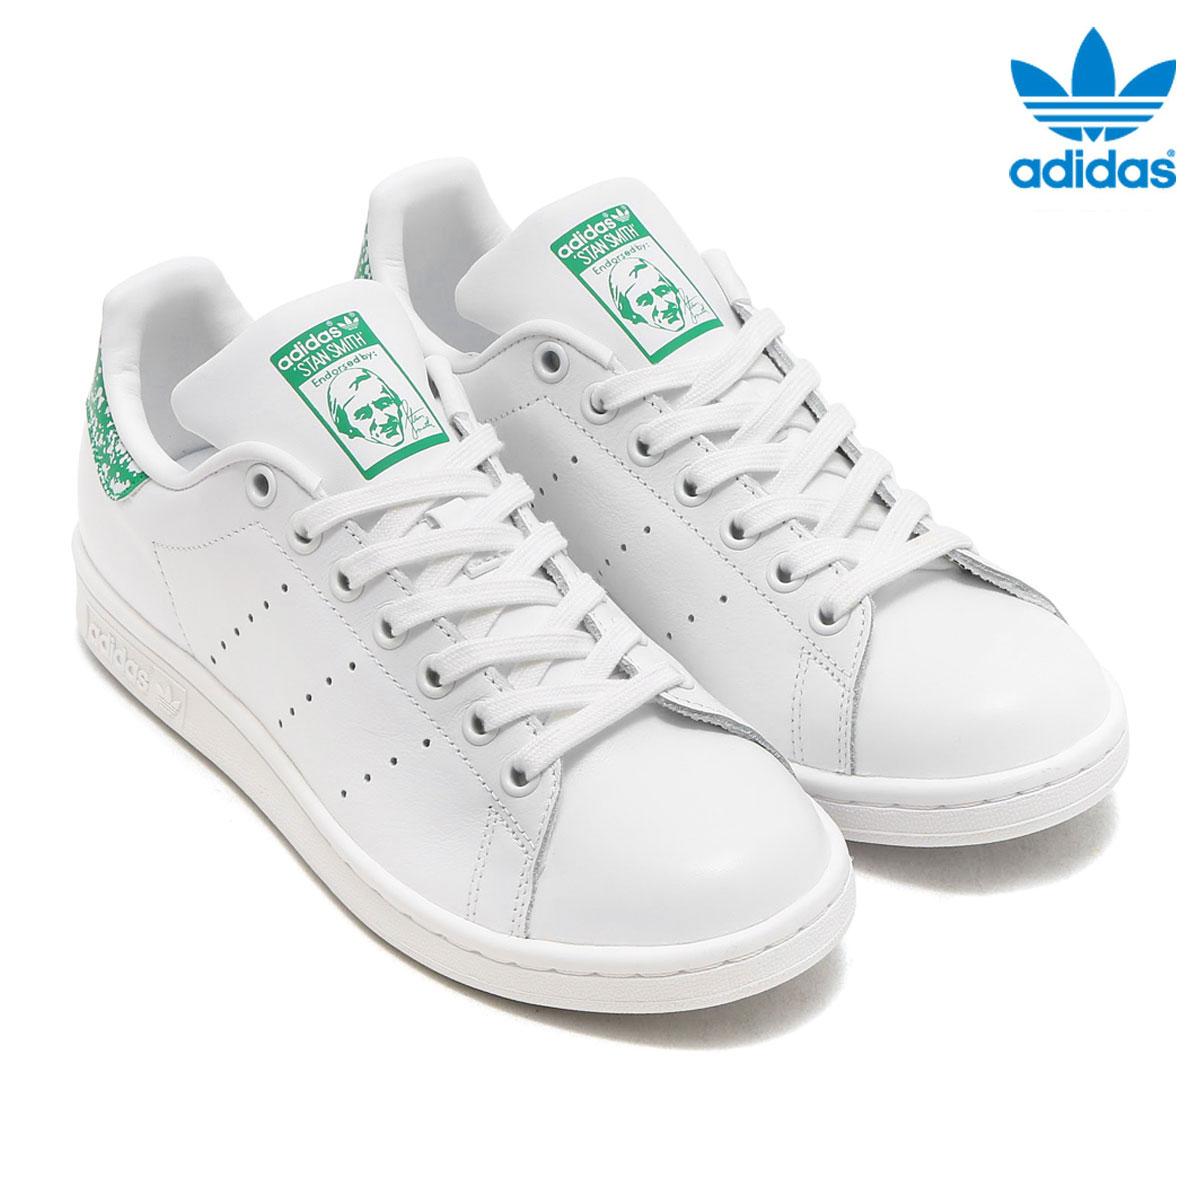 adidas Originals STAN SMITH W (Adidas originals Stan Smith W) (Running  White Running White Green) 17FW-I d0aa19e2e